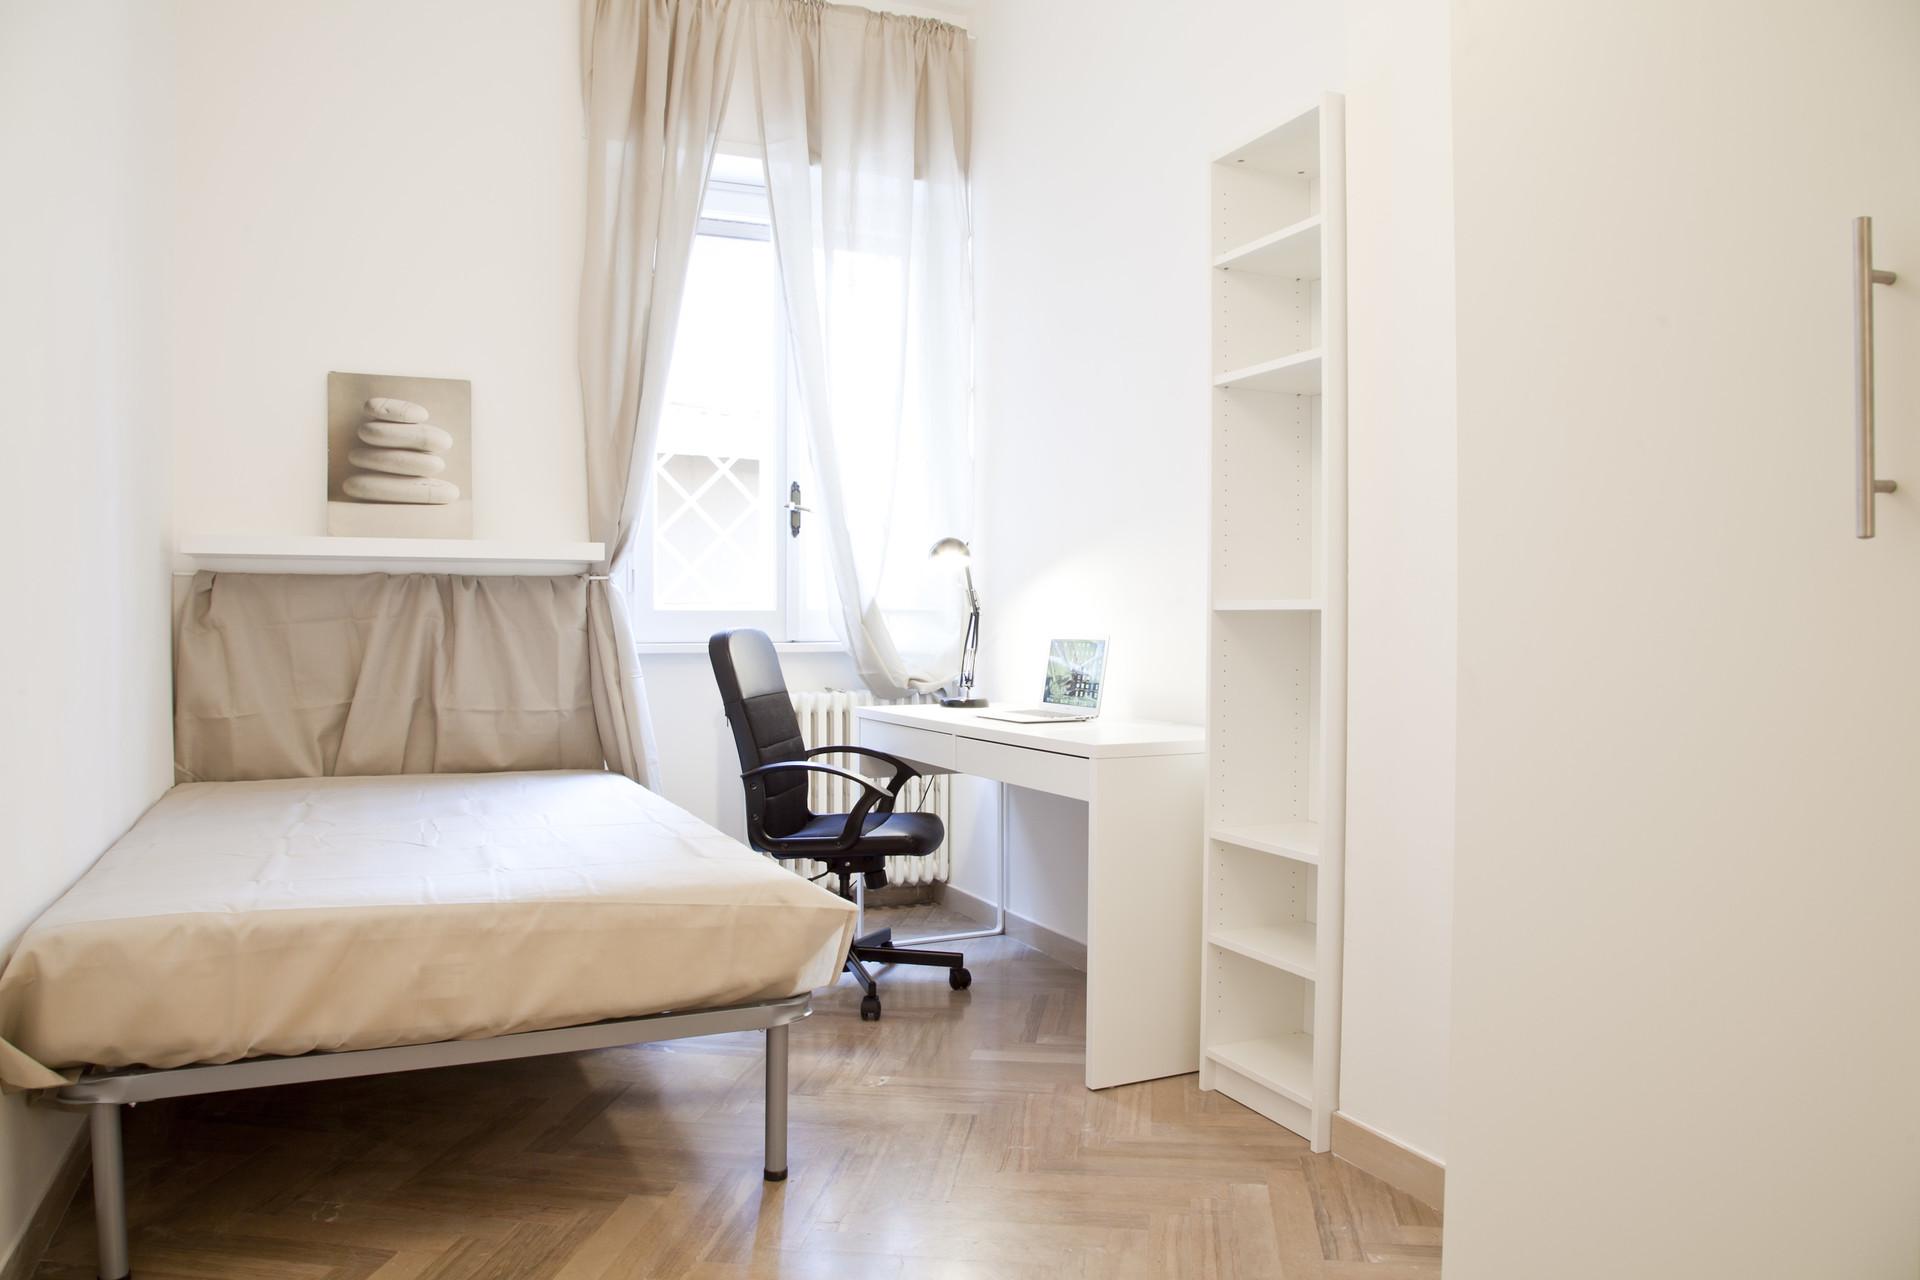 Ampia camera con letto ad una piazza e mezzo stanze in affitto roma - Letto ad una piazza e mezzo ...